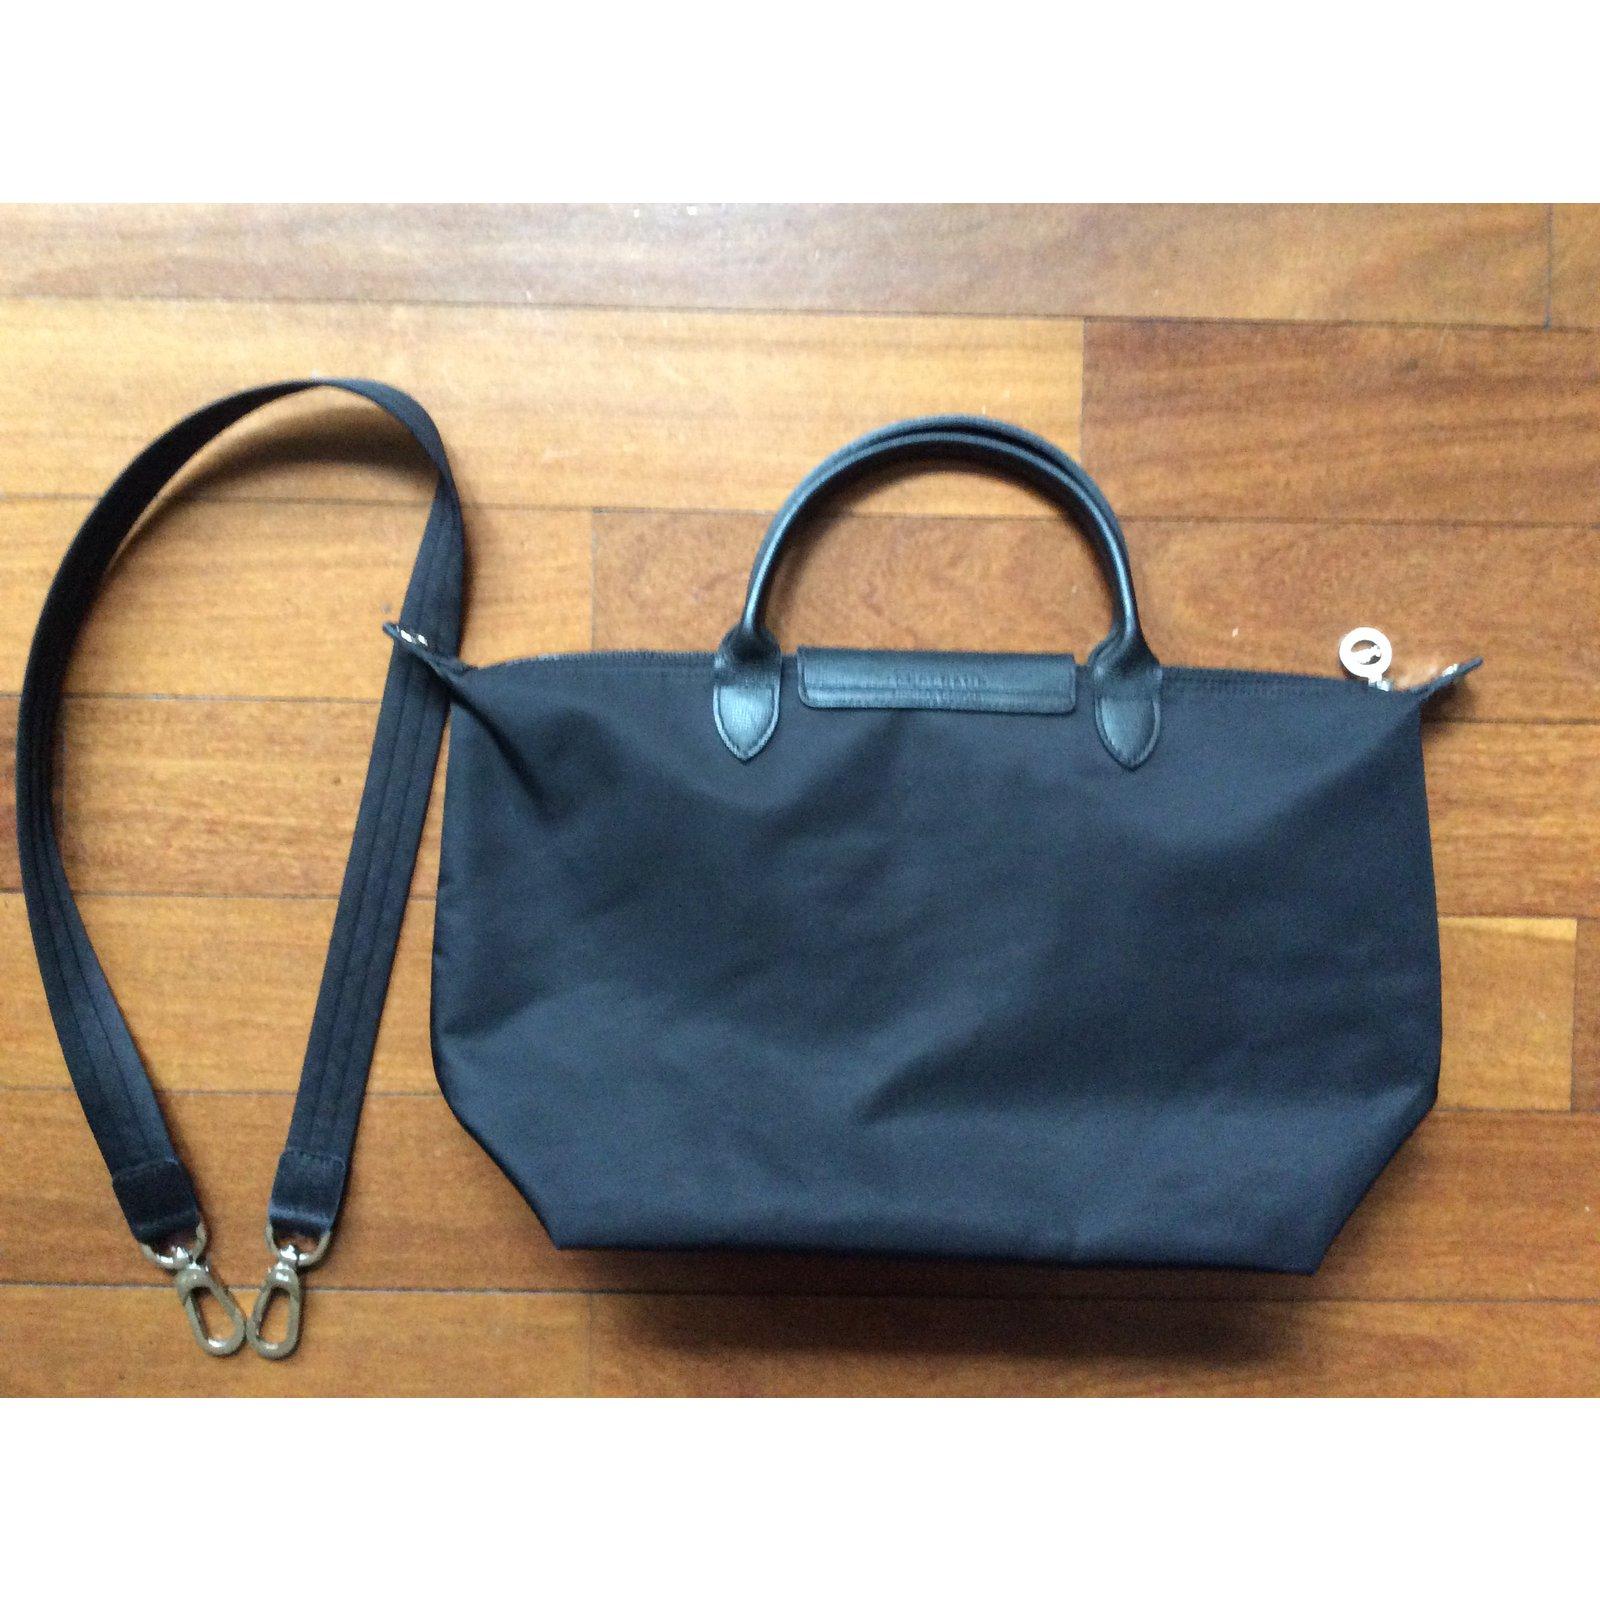 Longchamp le pliage néo taillé M Handbags nylon Black ref.57740 - Joli  Closet 8f75c2f83e